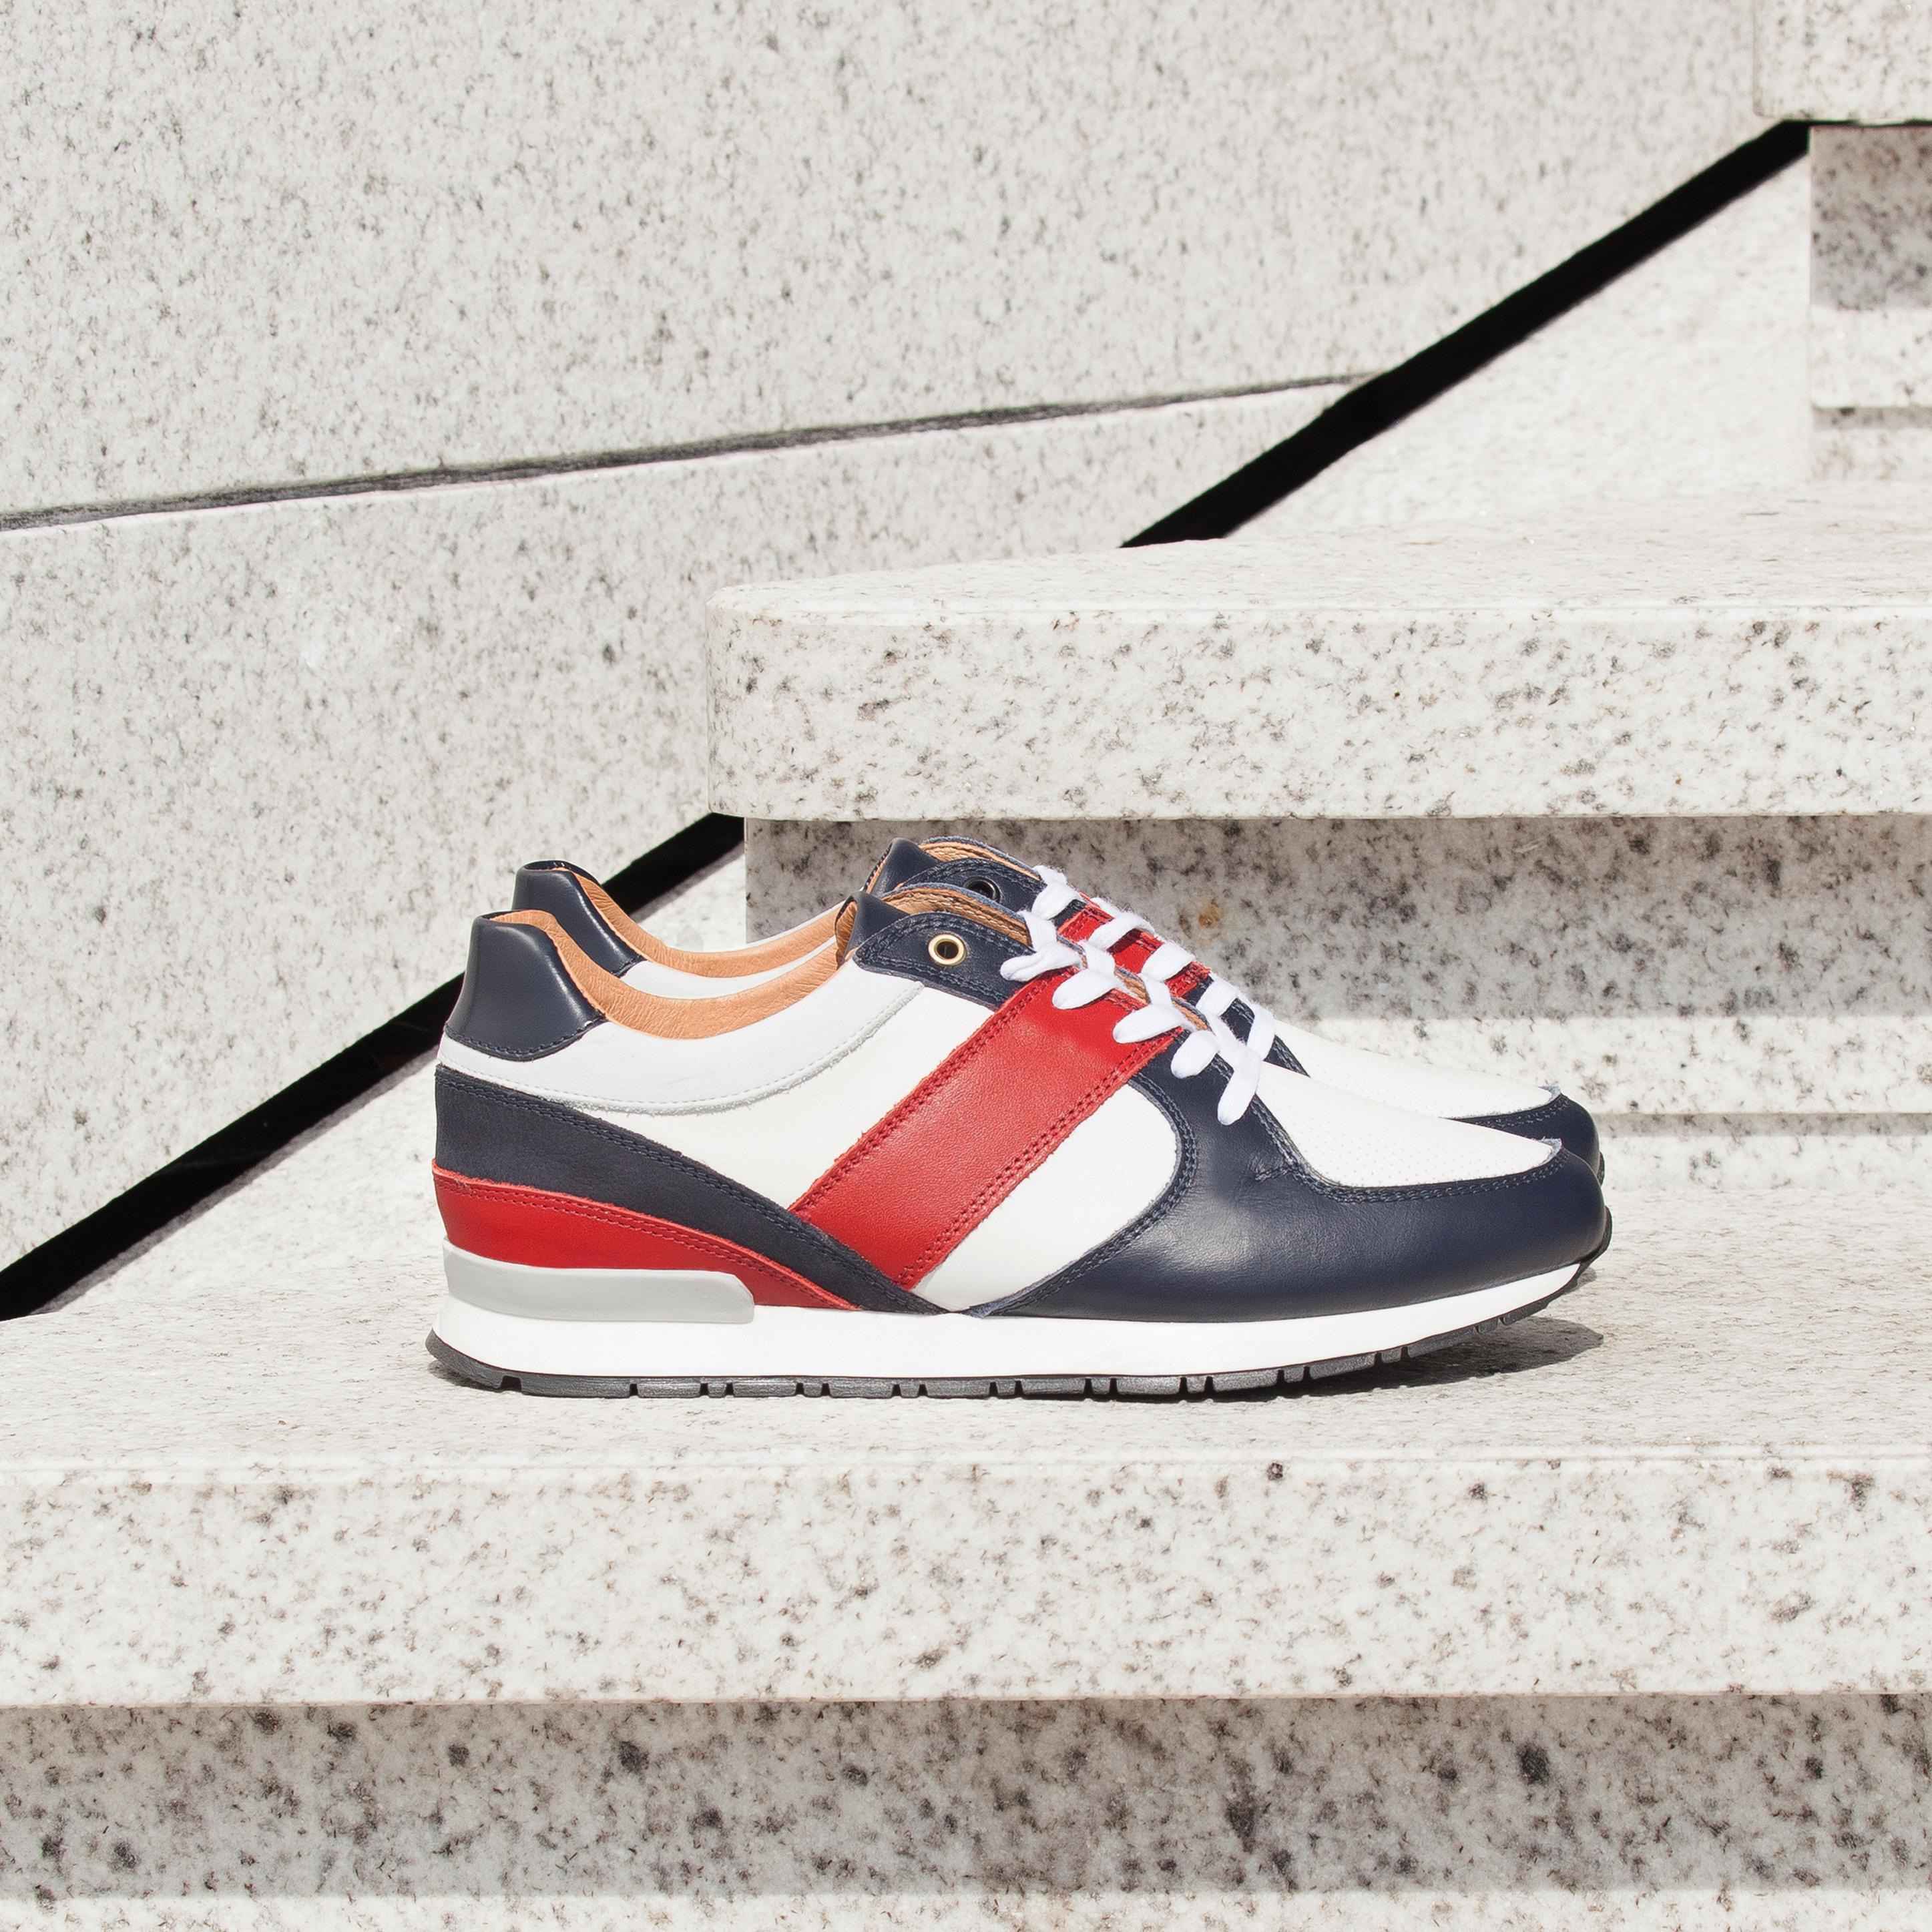 Sneakers homme 200 euros